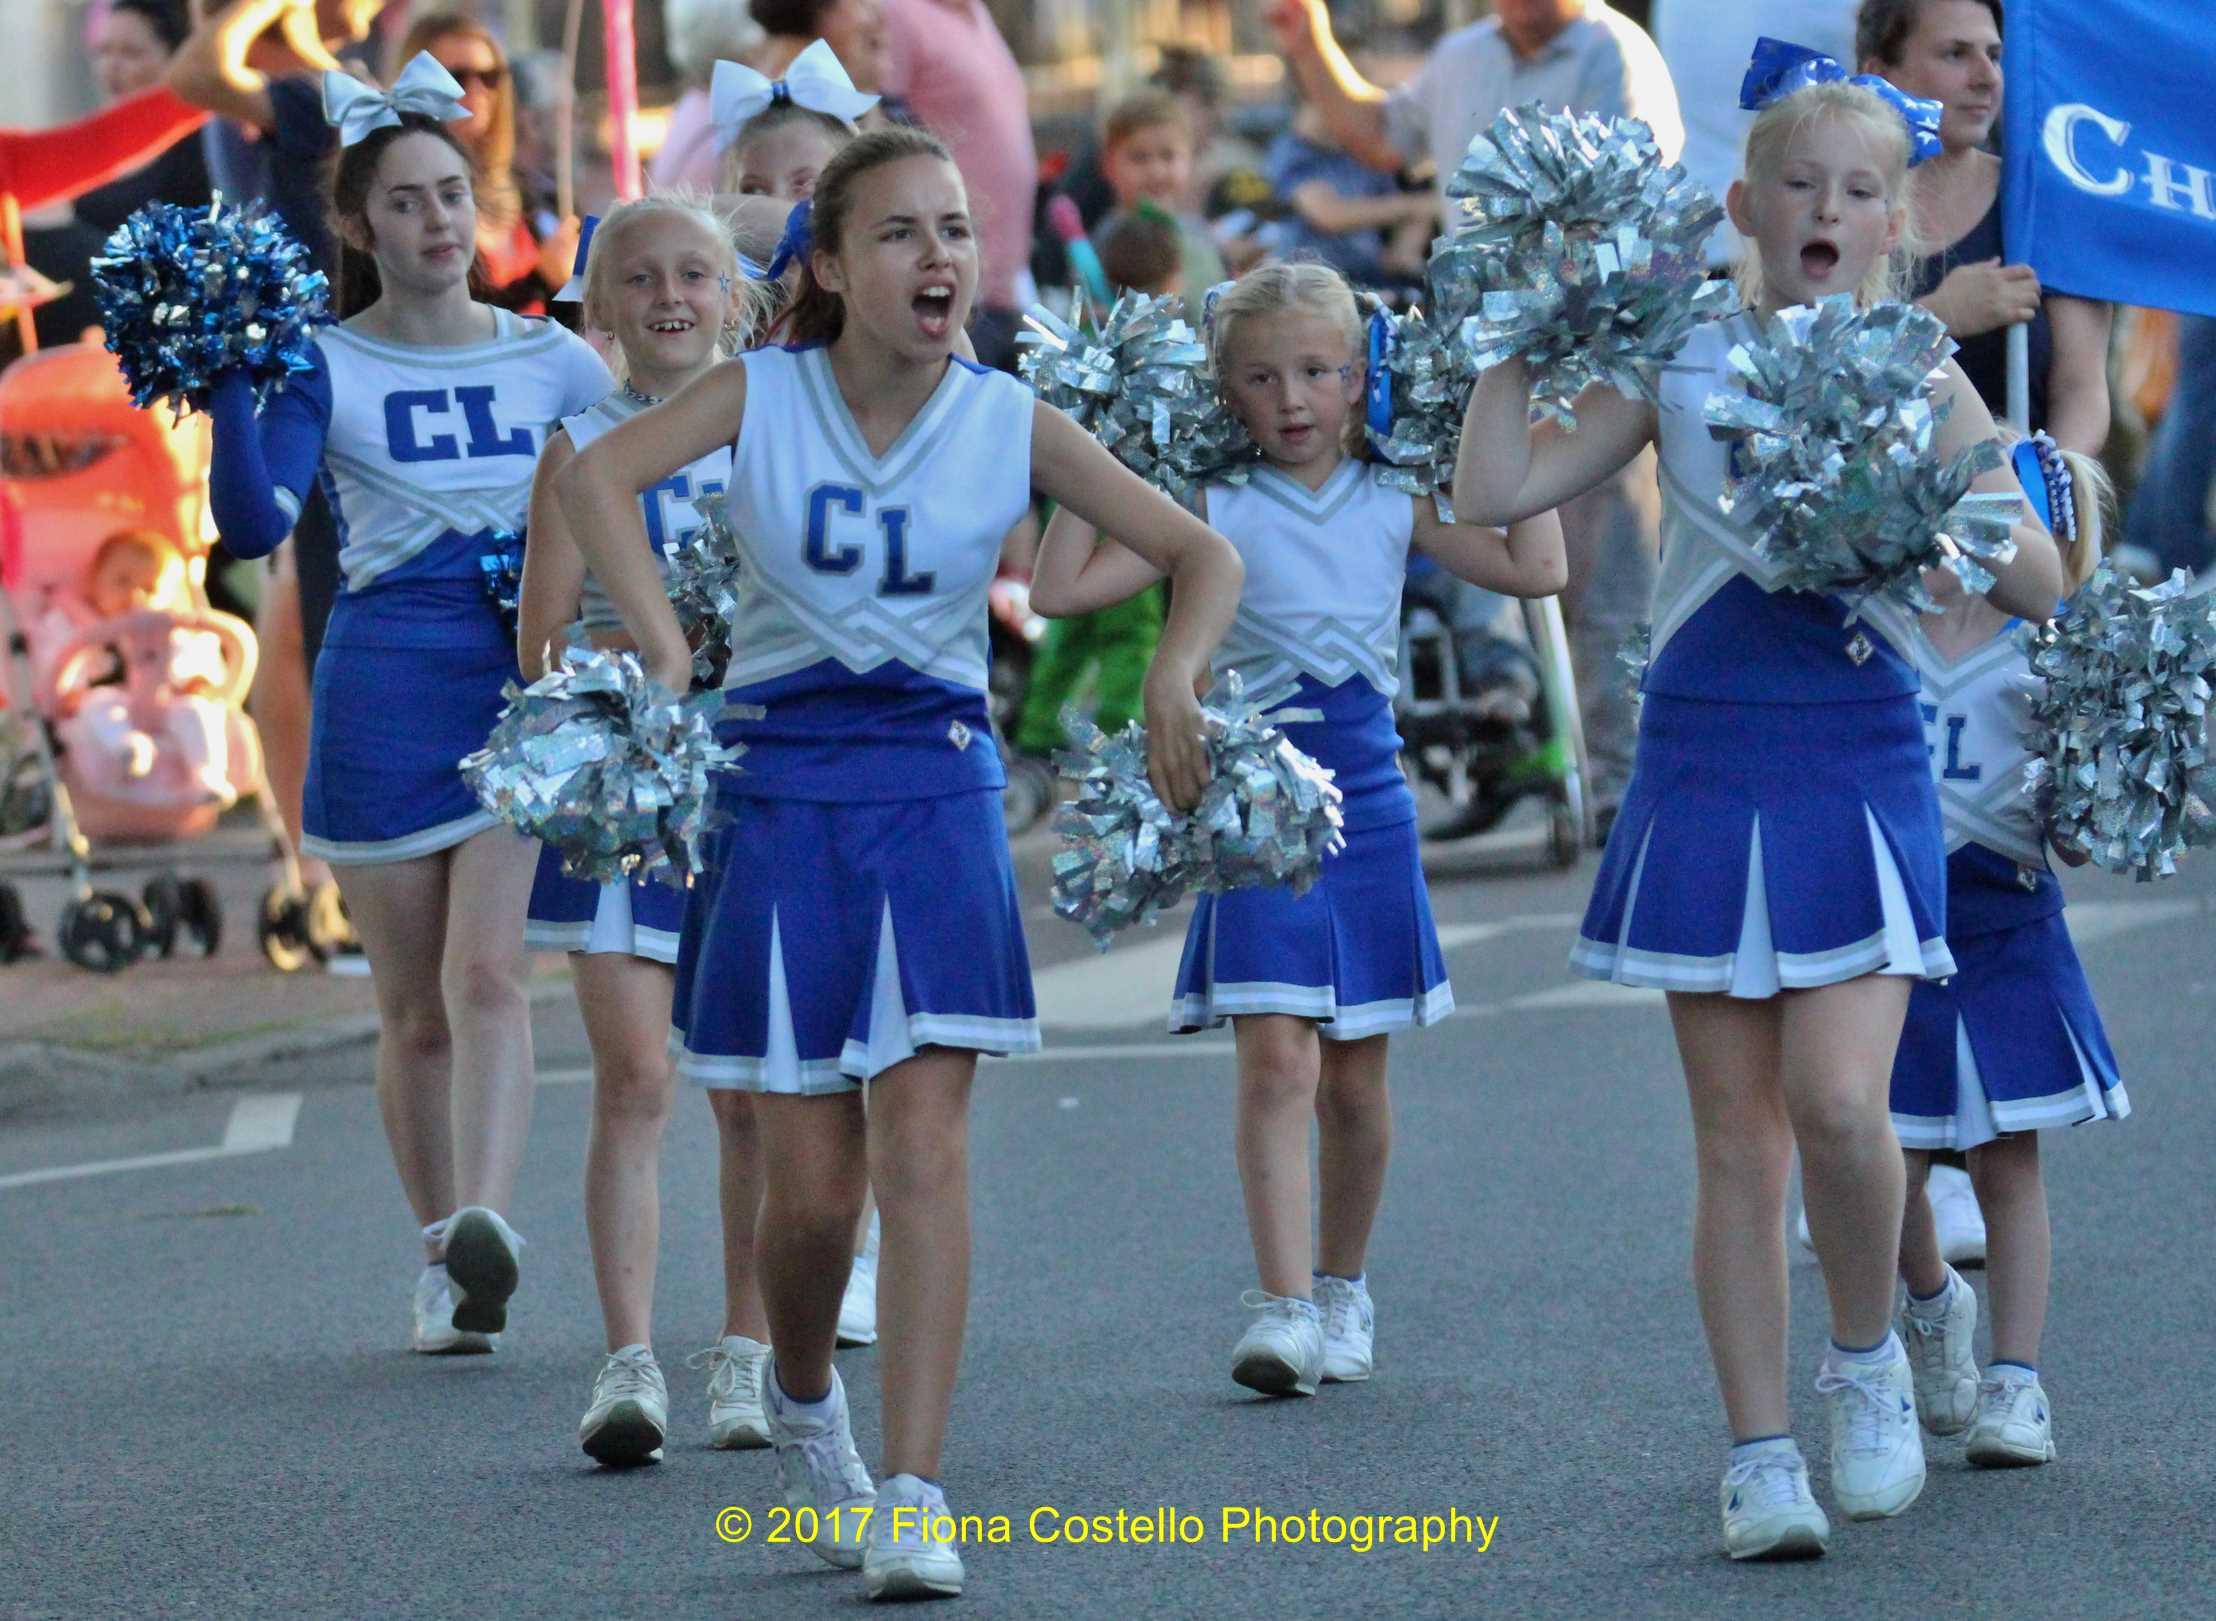 Cheer-Leaders-Clacton-Carnival-2017